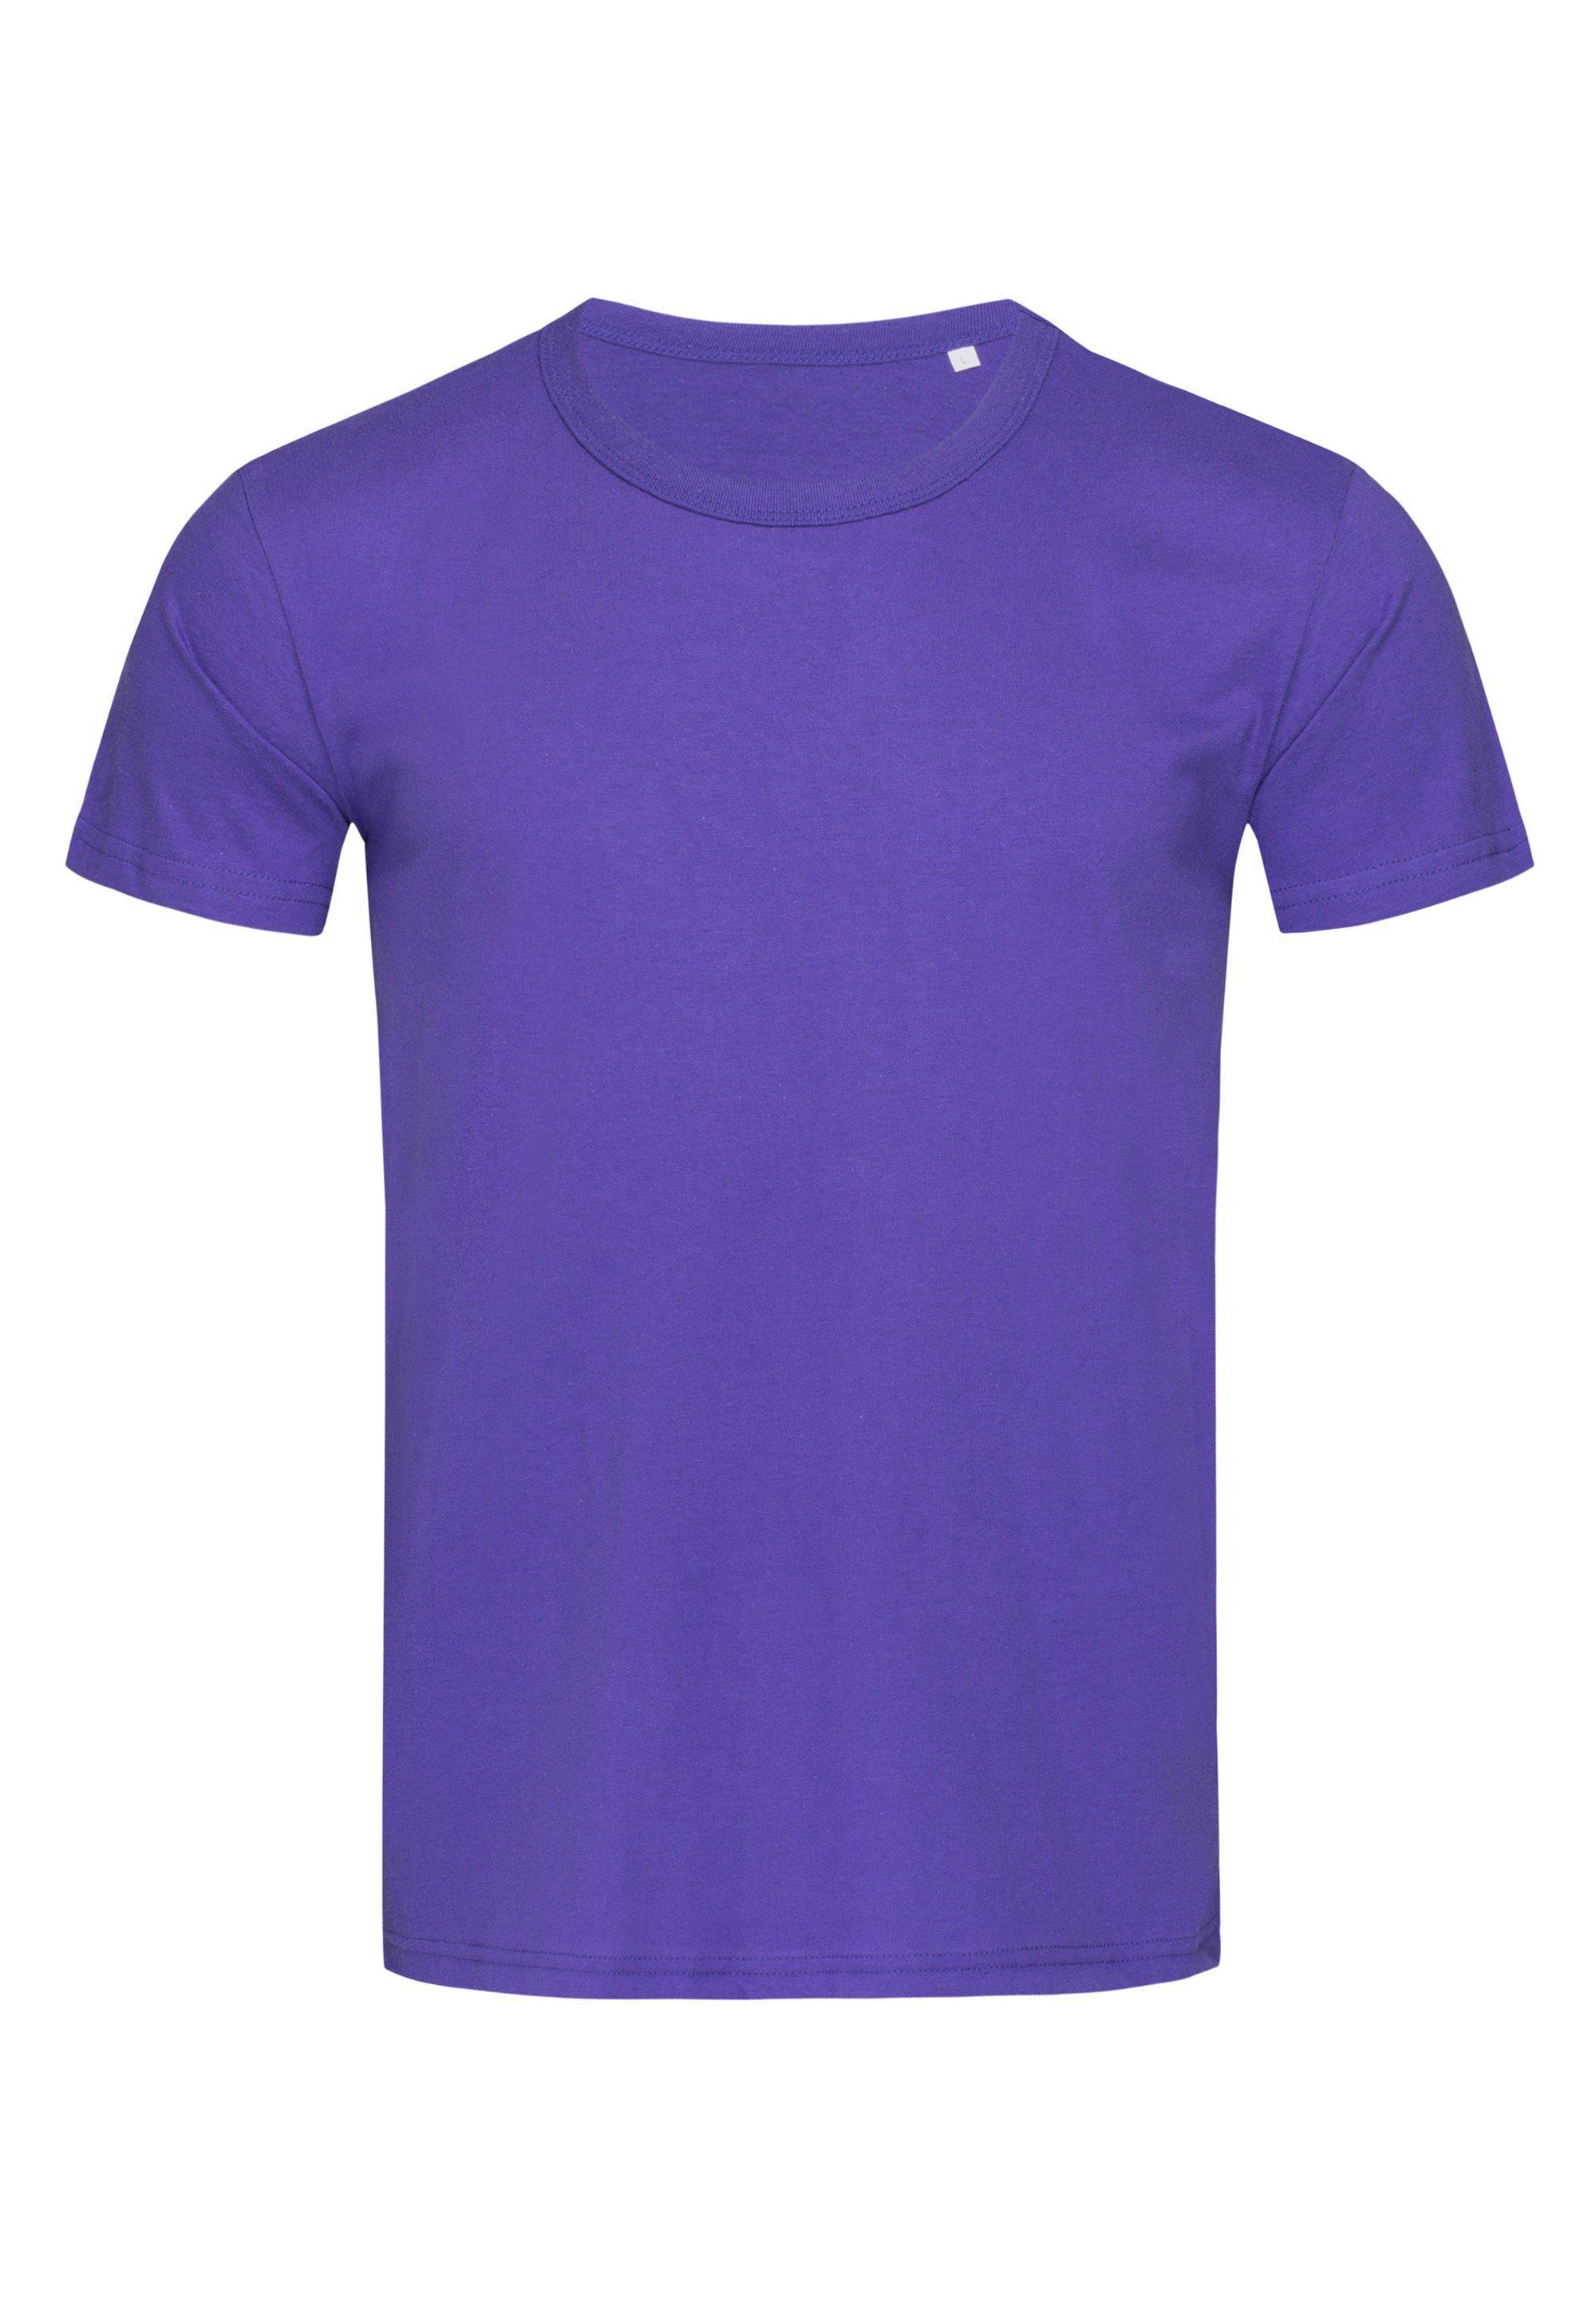 Stedman T-Shirt in klassischem Design